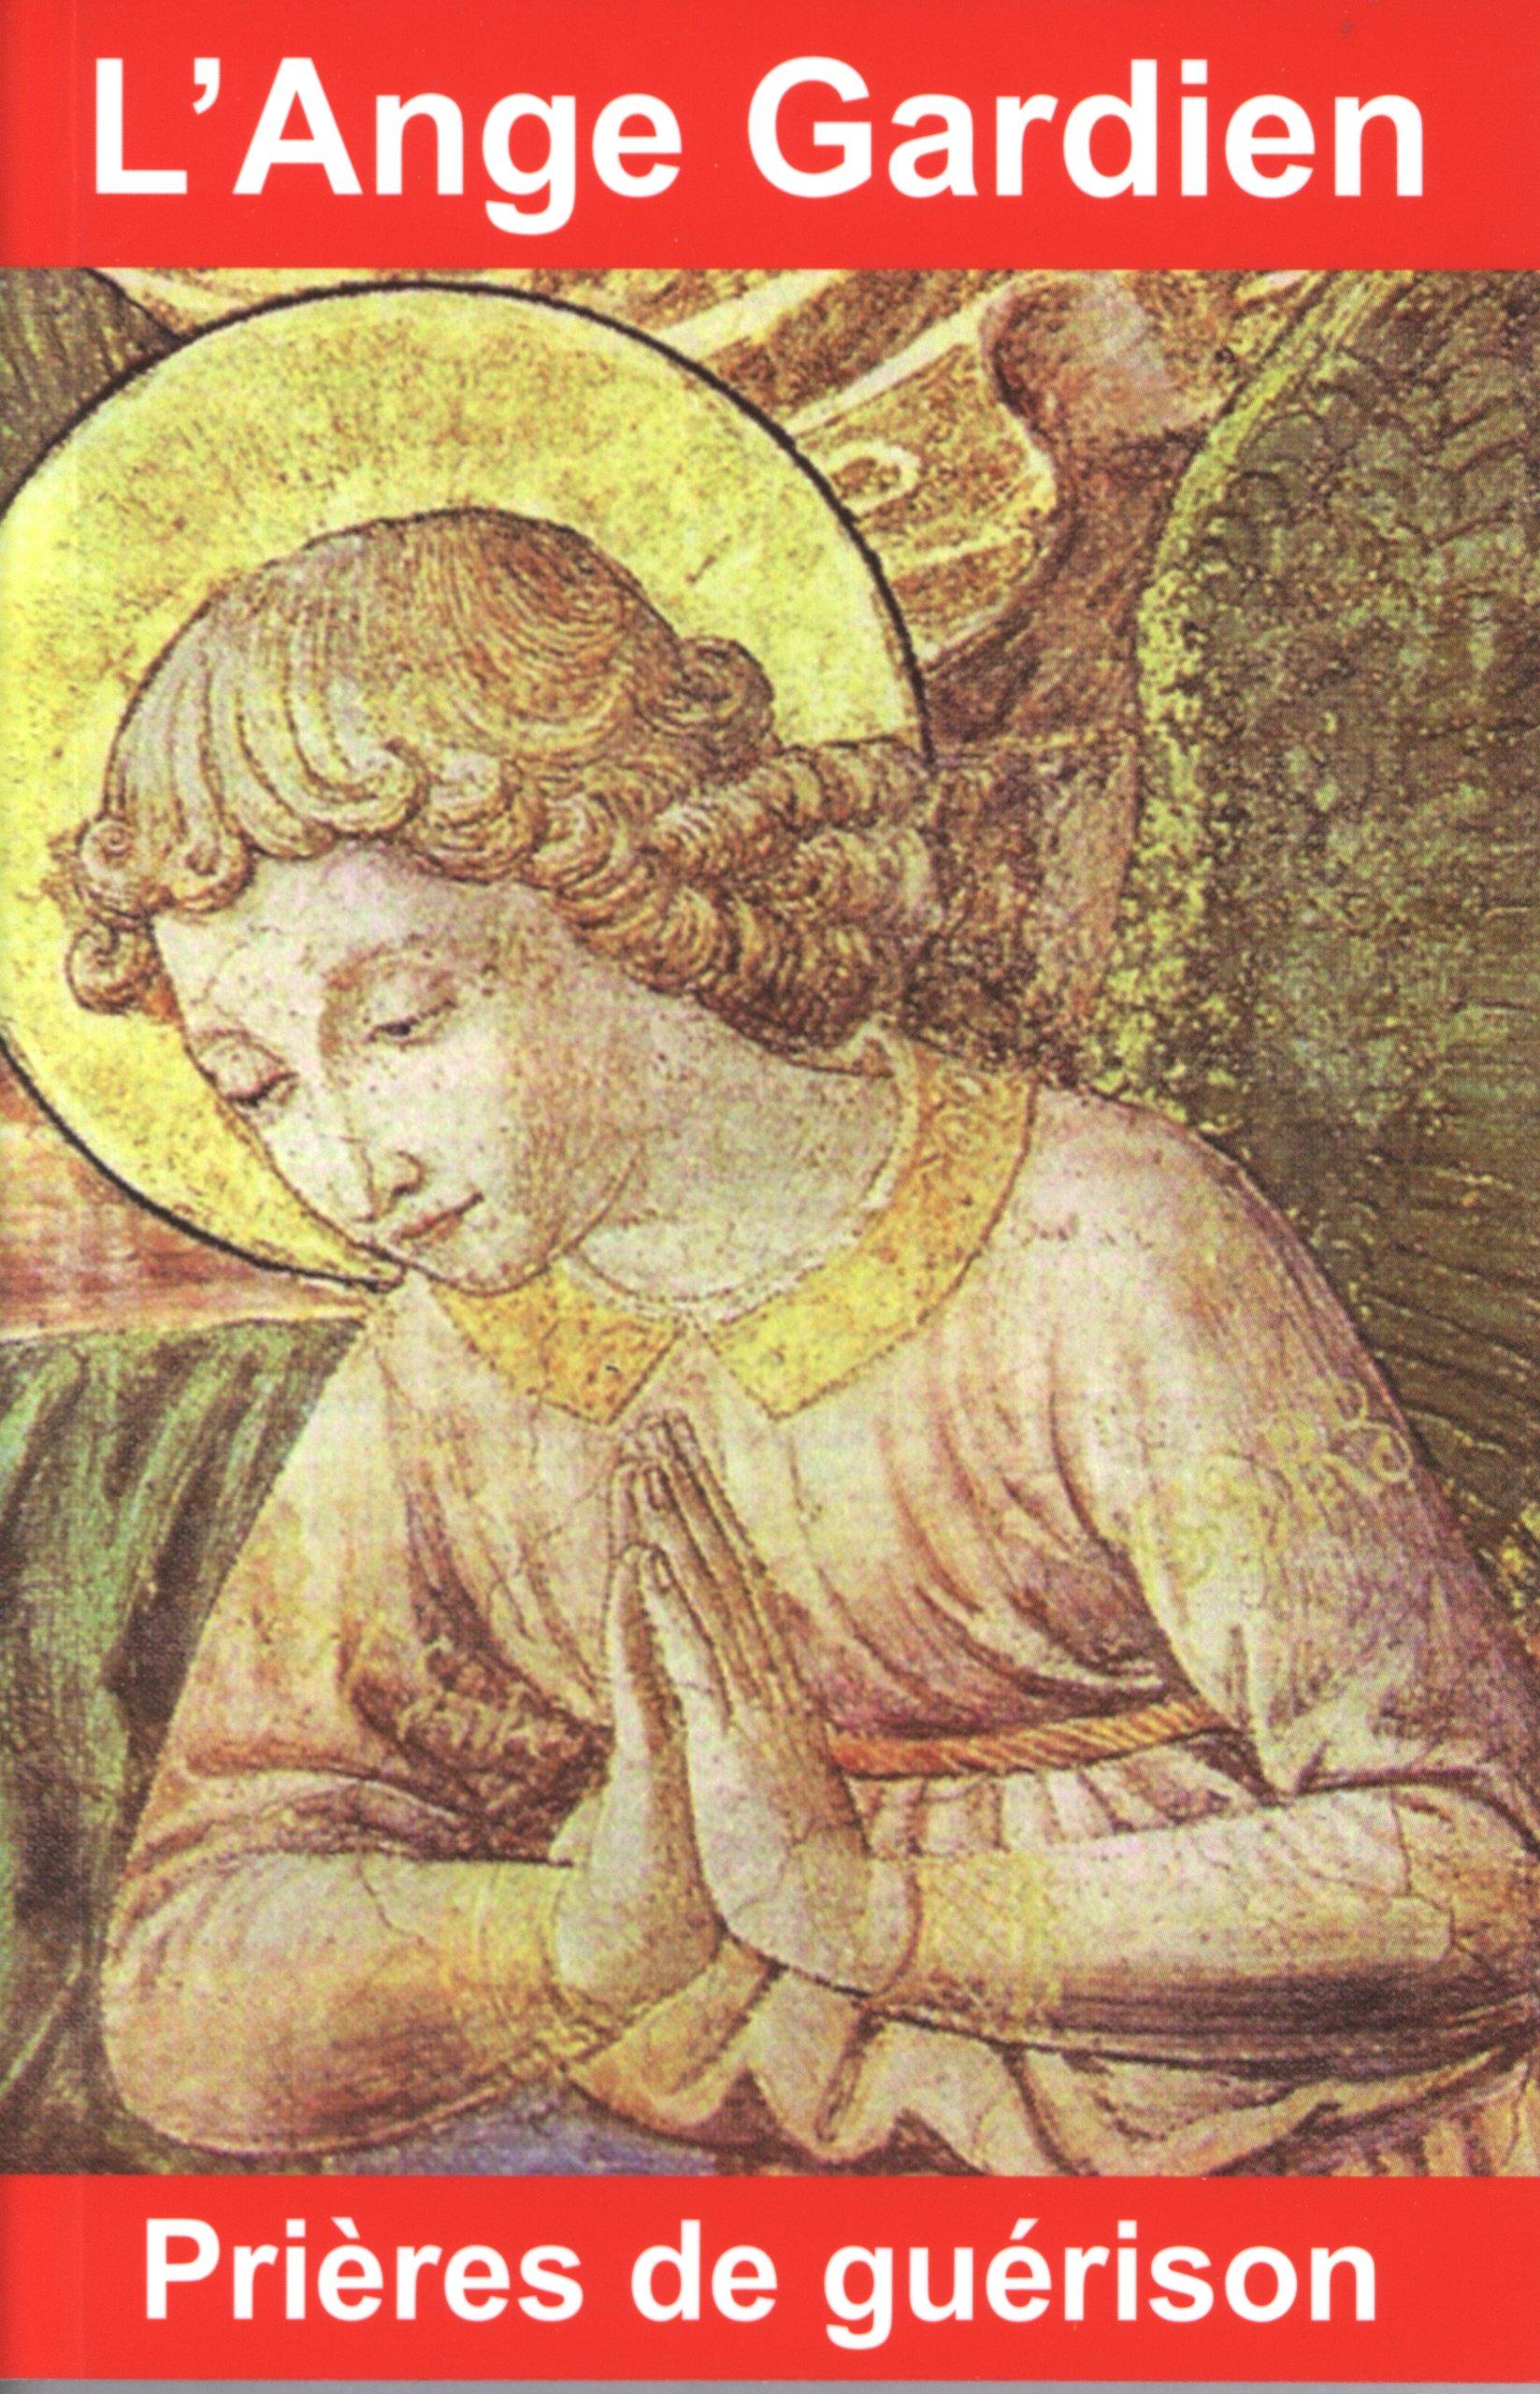 L'Ange Gardien : Prières de guérison Broché – 27 janvier 2012 Bernard André Exclusif 2848910968 Anges/archanges